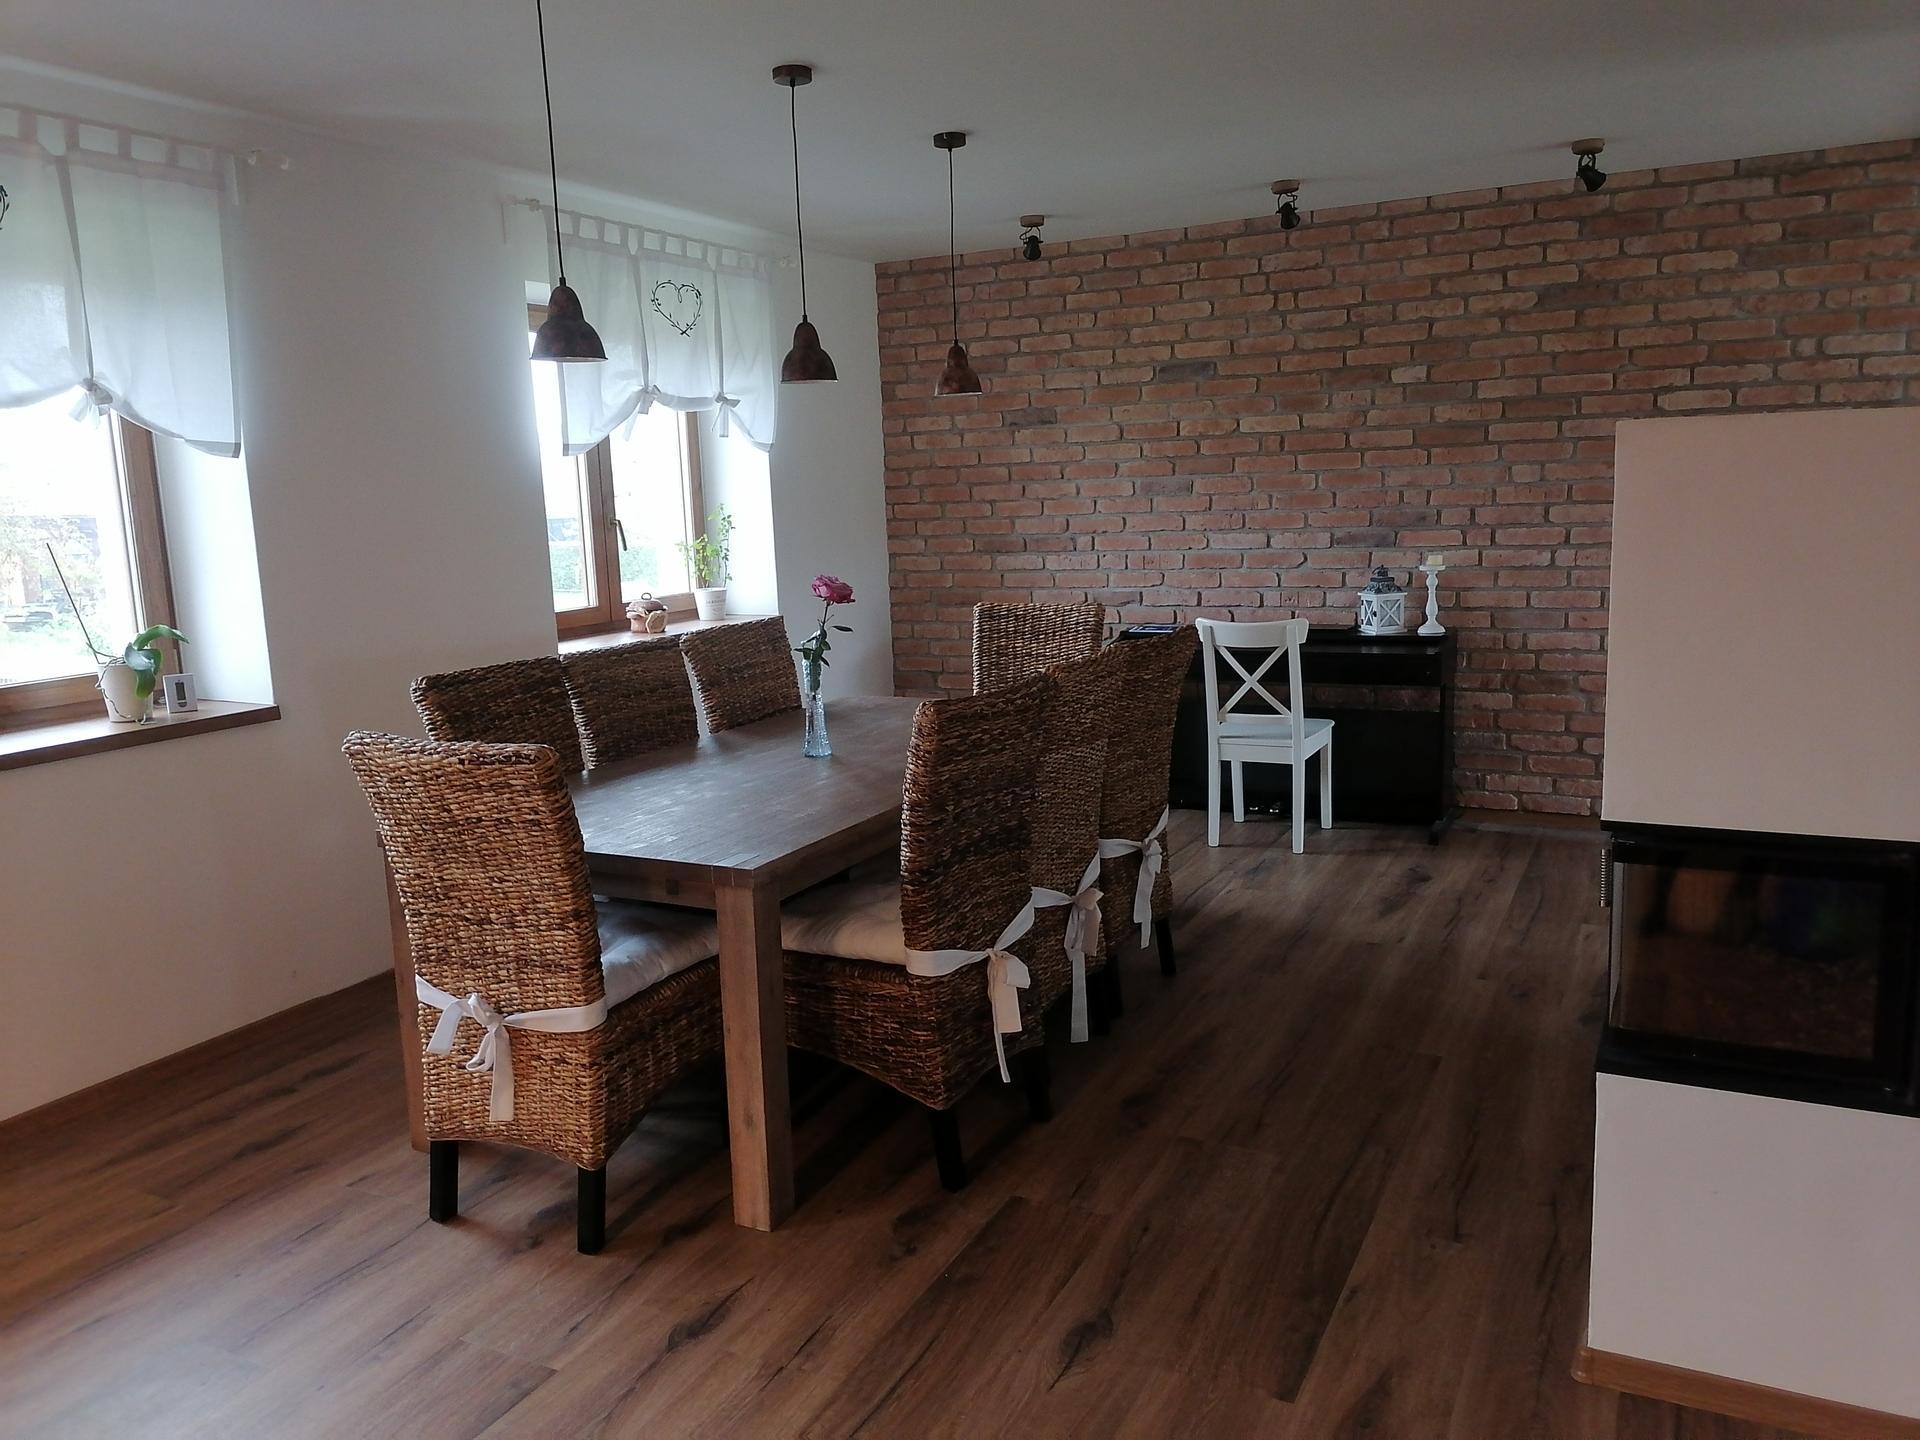 Náš český farmhouse ❤️ - A už je ten domov zase trošku útulnější - máme roletky :)